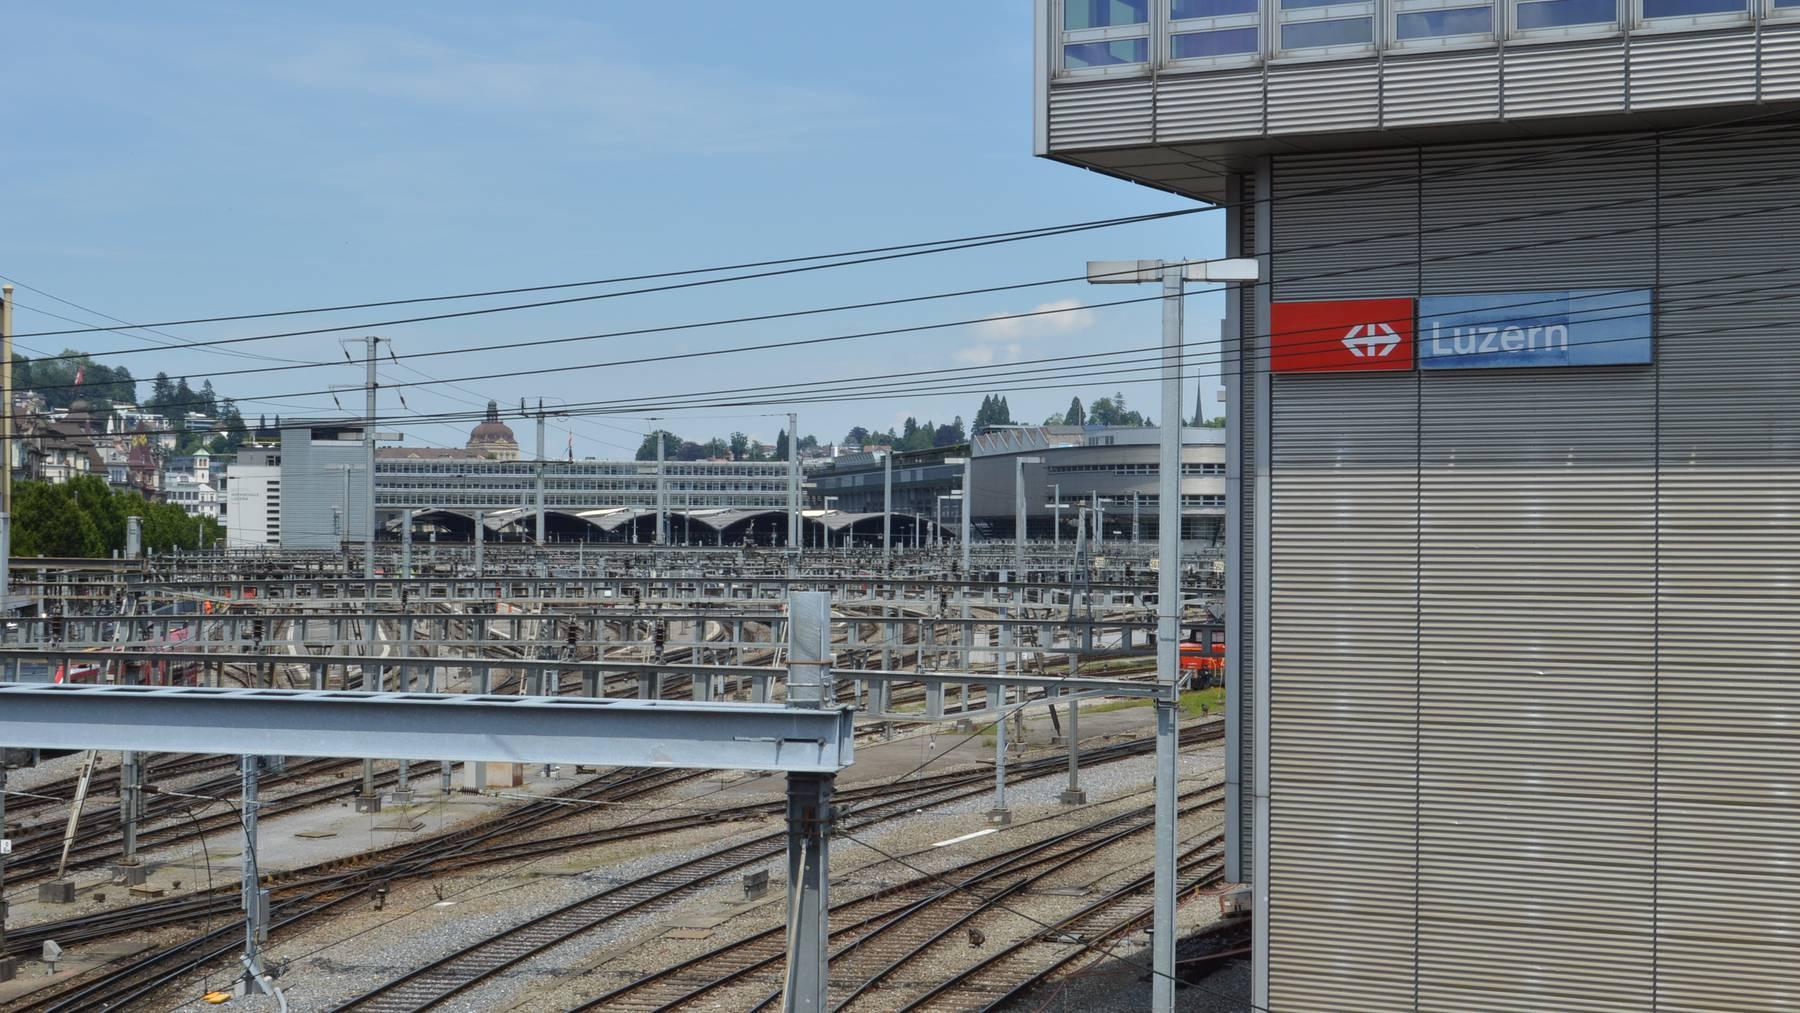 Bahnhof Luzern wird gesperrt